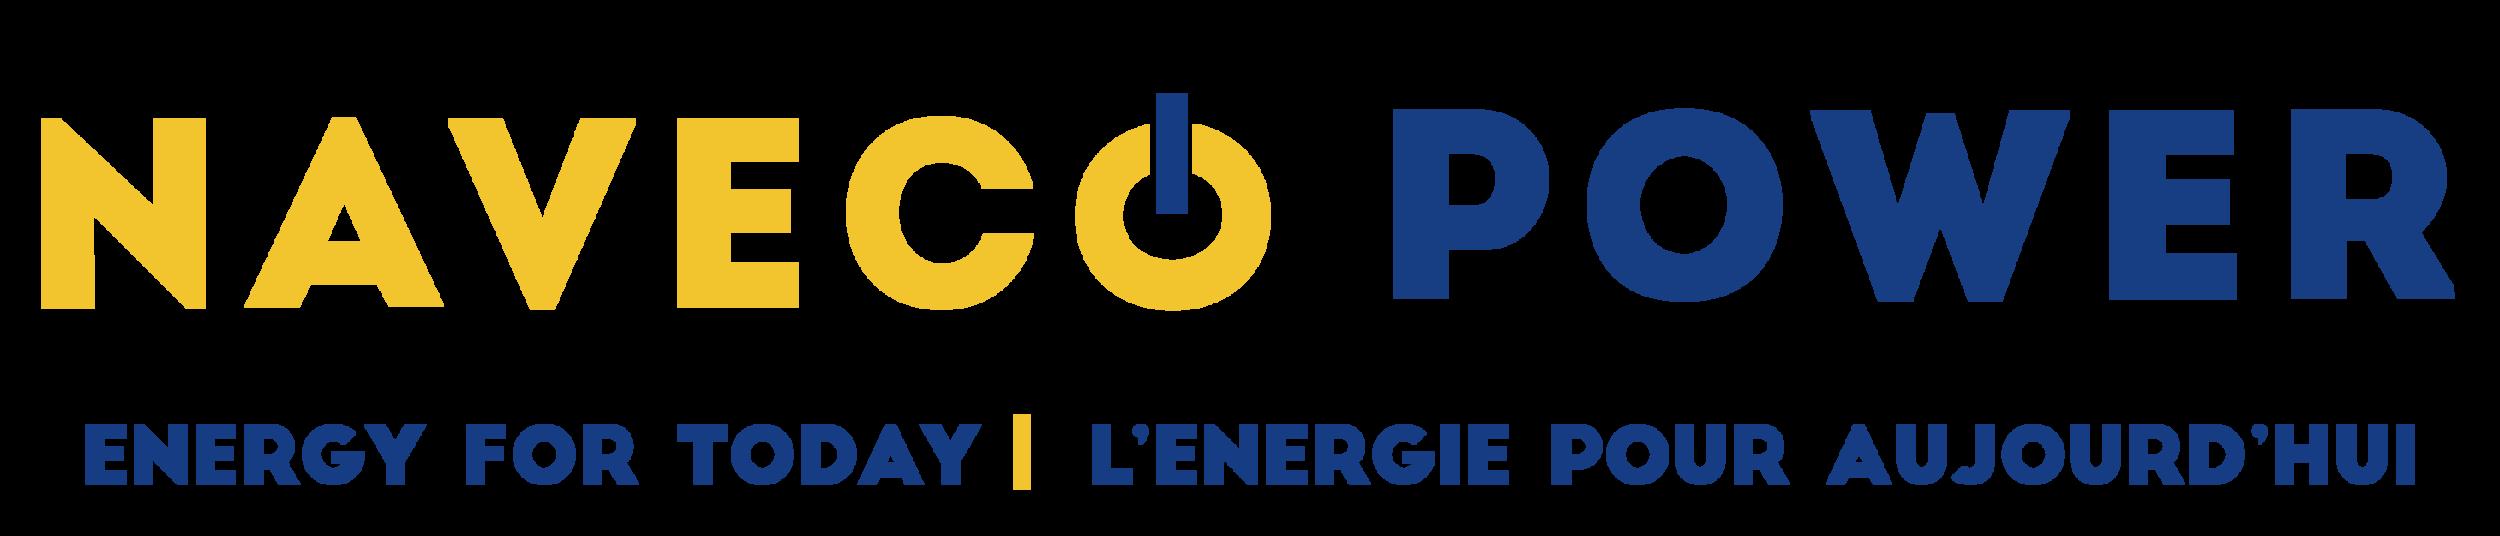 Naveco-Logo-Refresh-v3-01.png